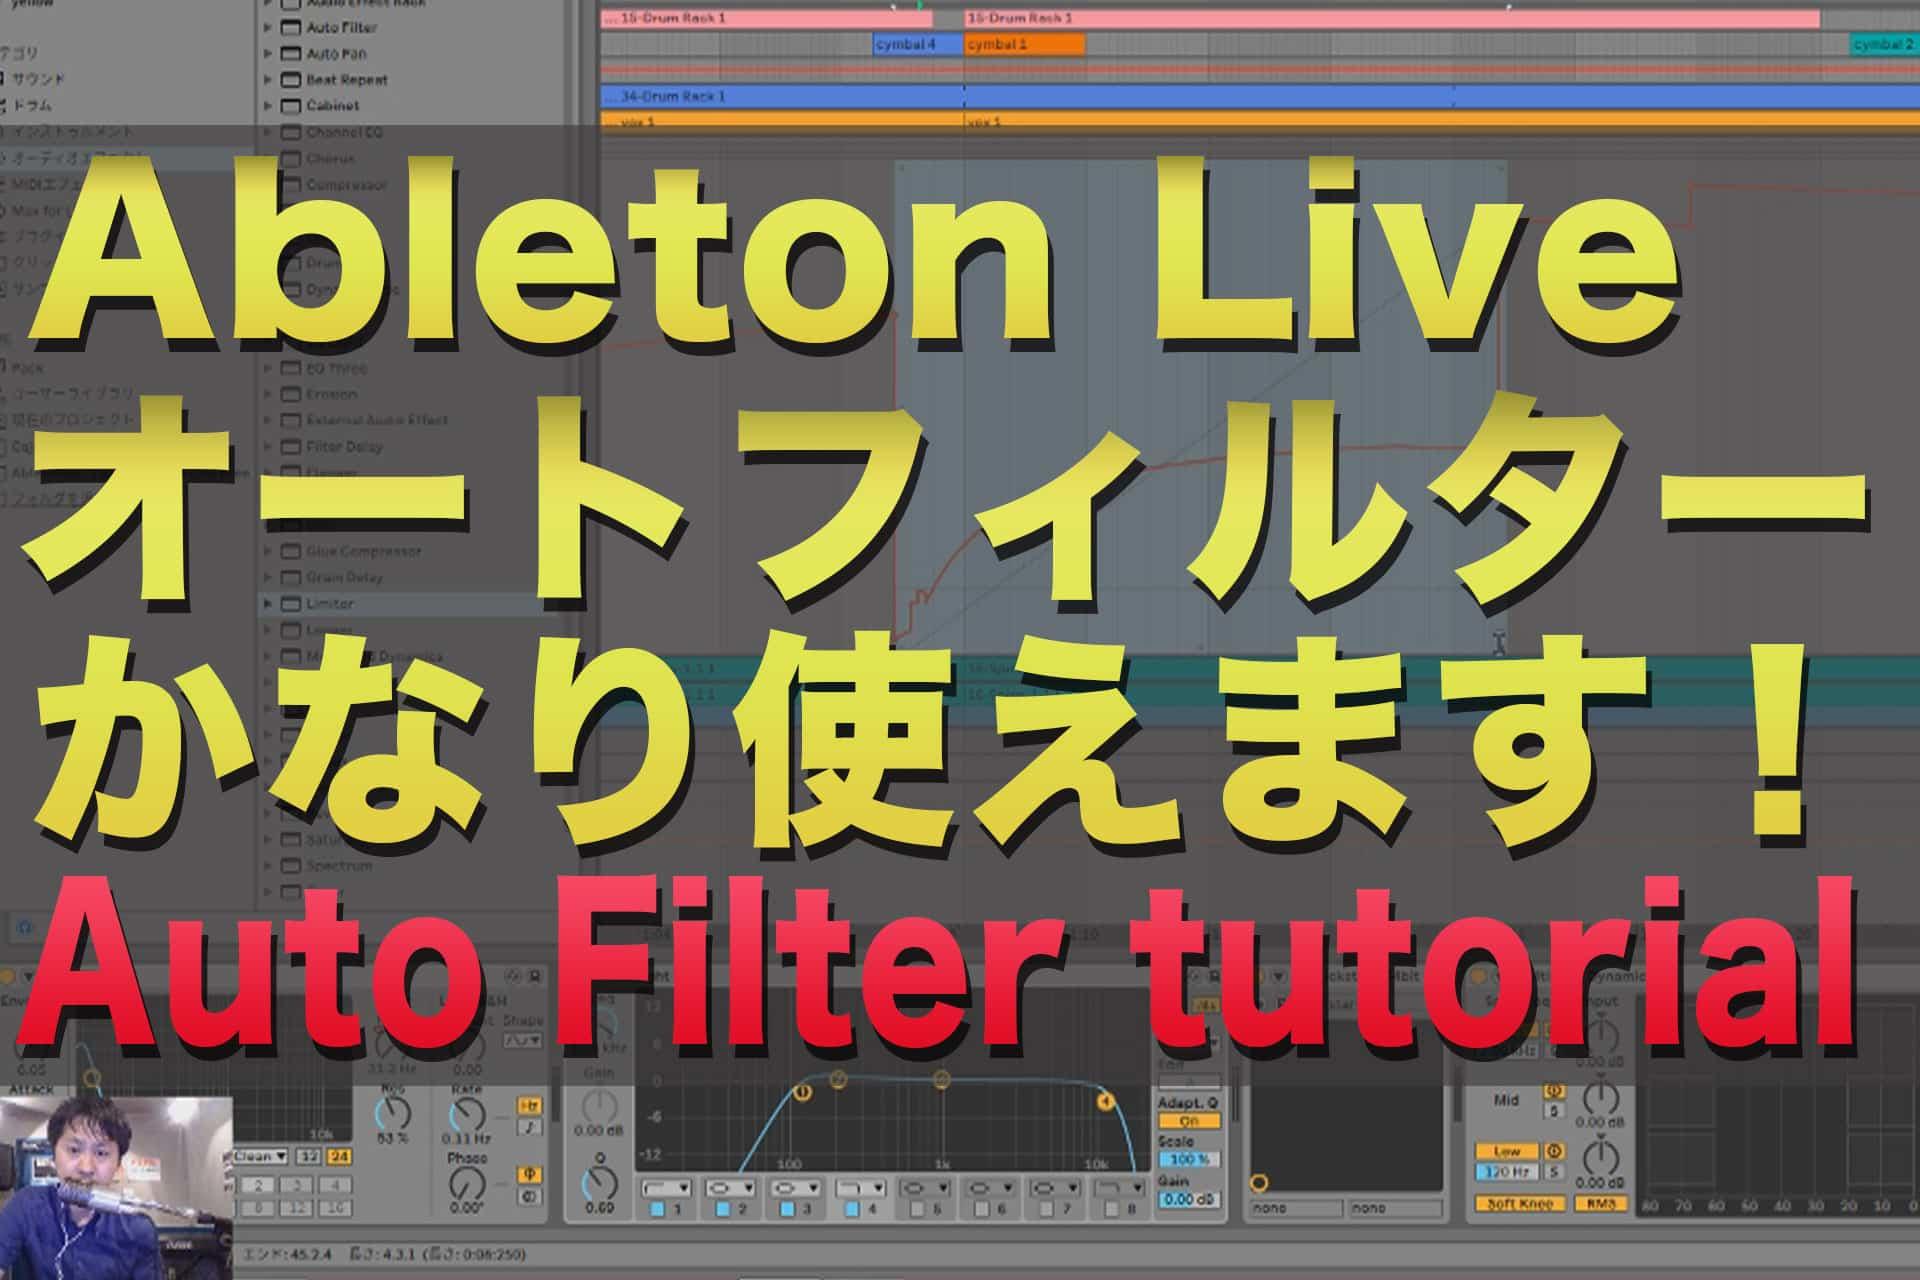 【動画解説!】Ableton Live オートフィルター の使い方 | Auto Filter tutorial